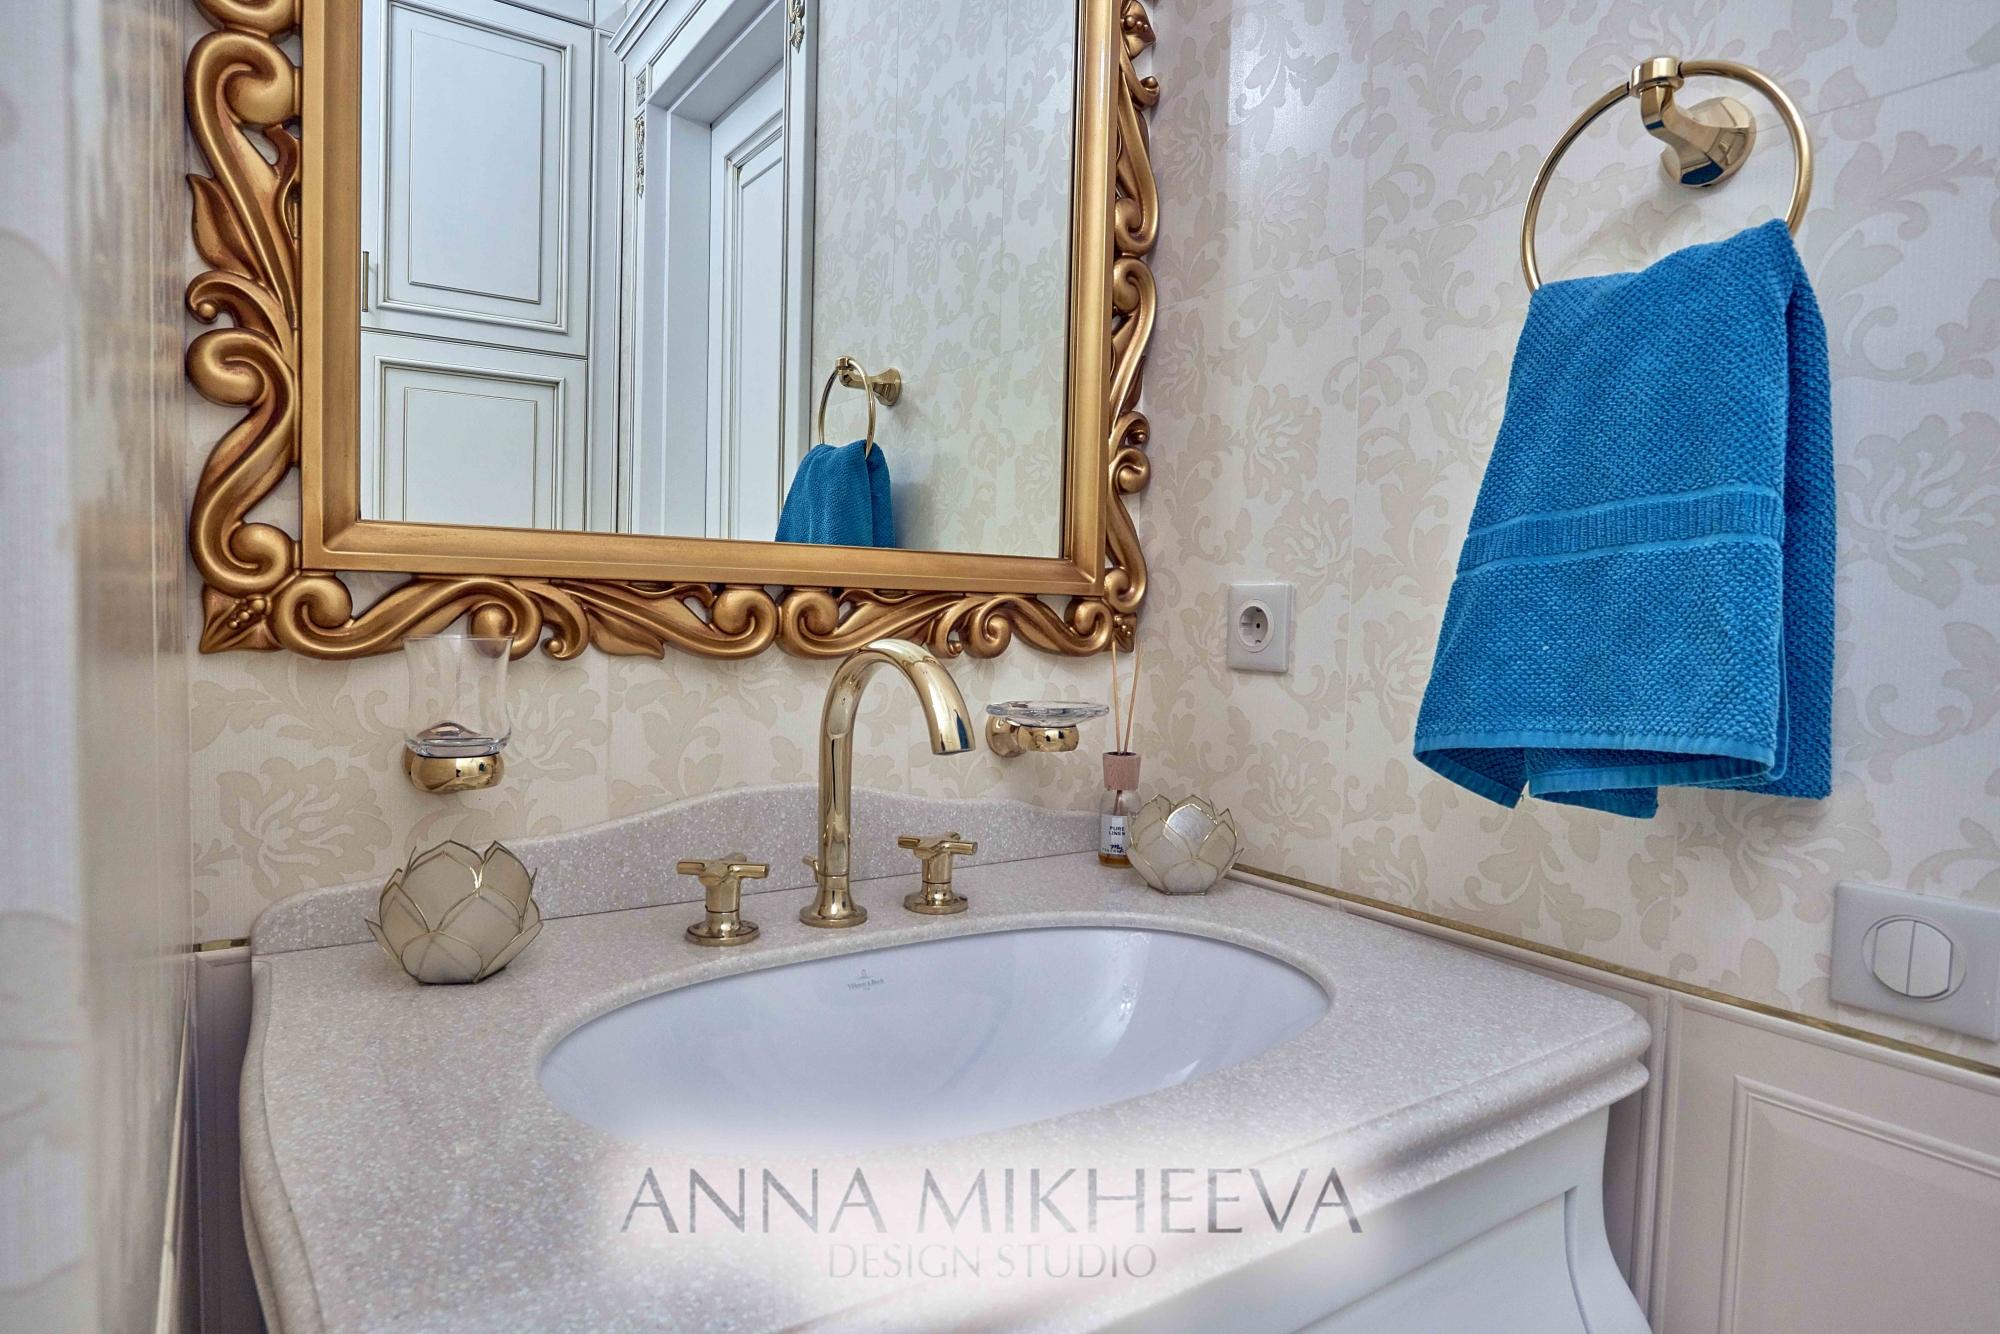 Интерьер ванной комнаты обои на стенах. В Астане. Фото.